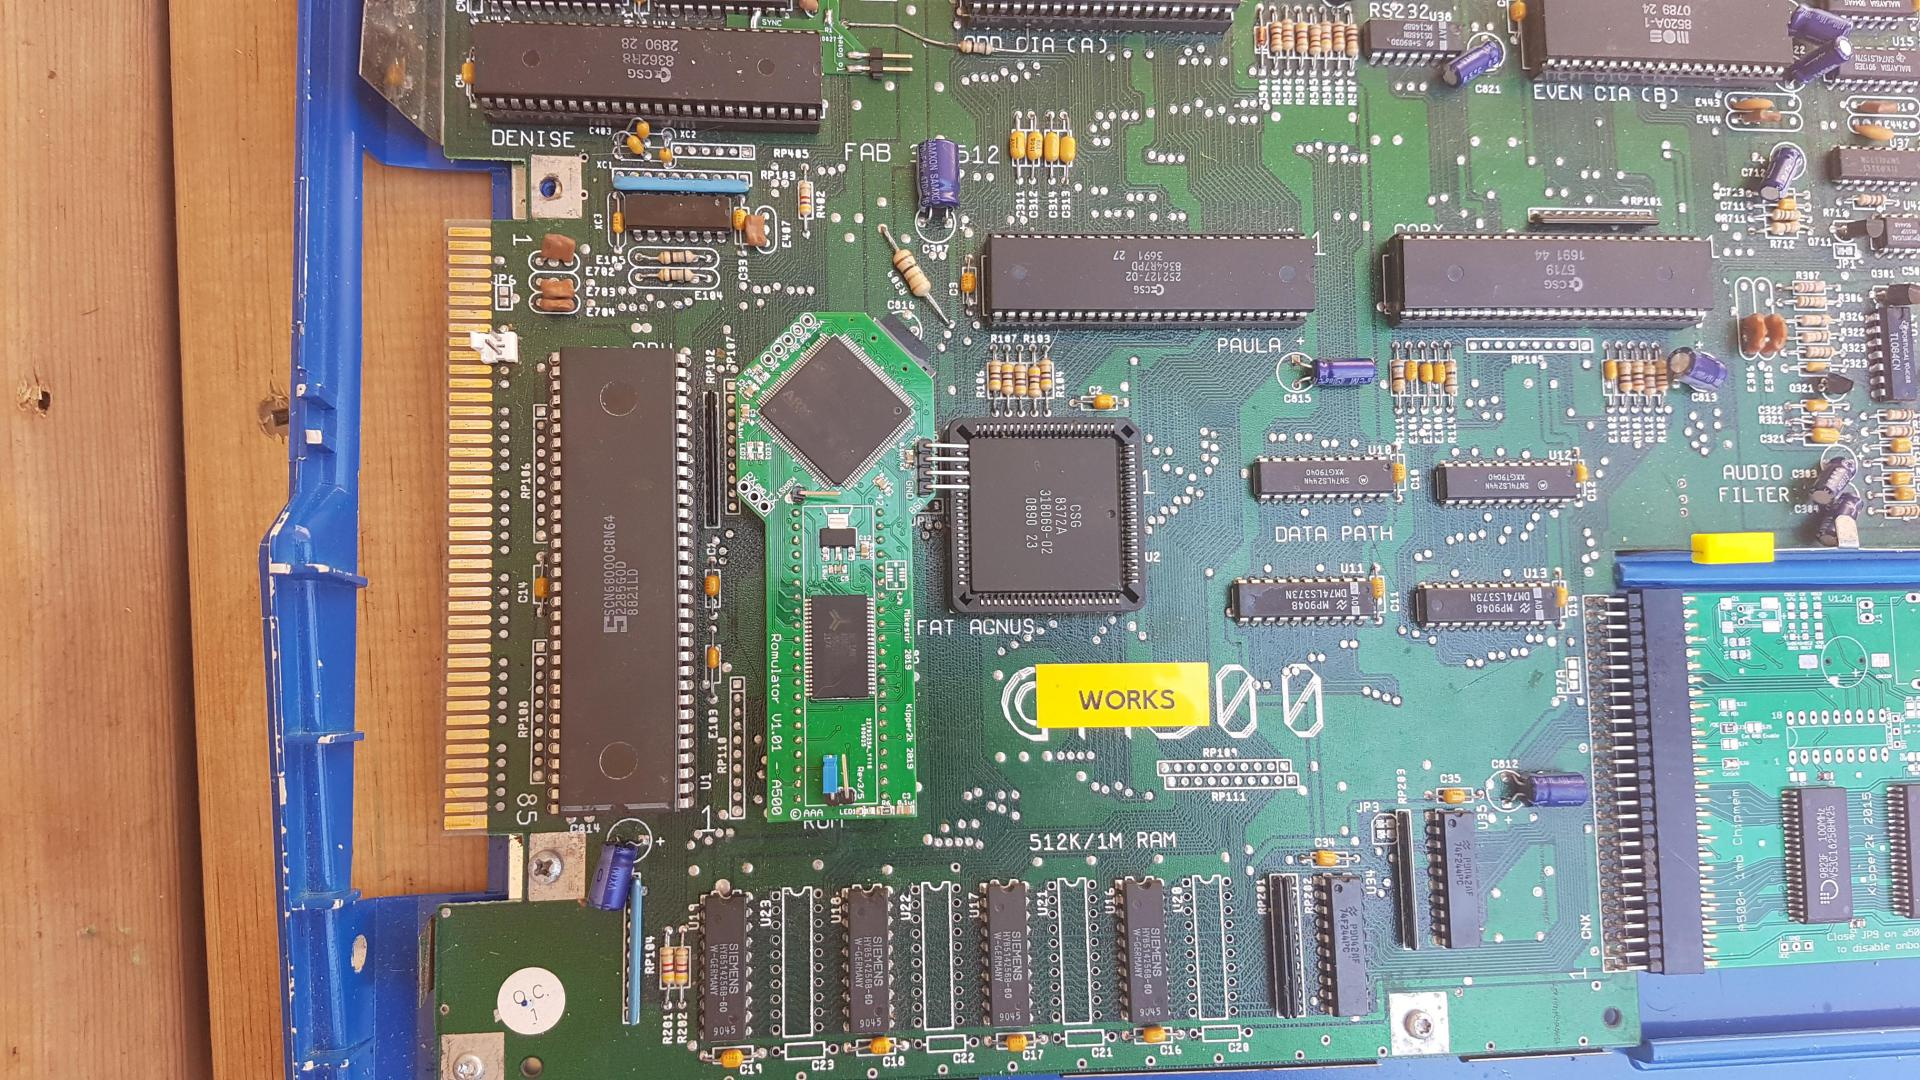 Klikněte na obrázek pro zobrazení větší verze  Název: romulatortop.jpg Zobrazeno: 81 Velikost: 445,7 KB ID: 9610